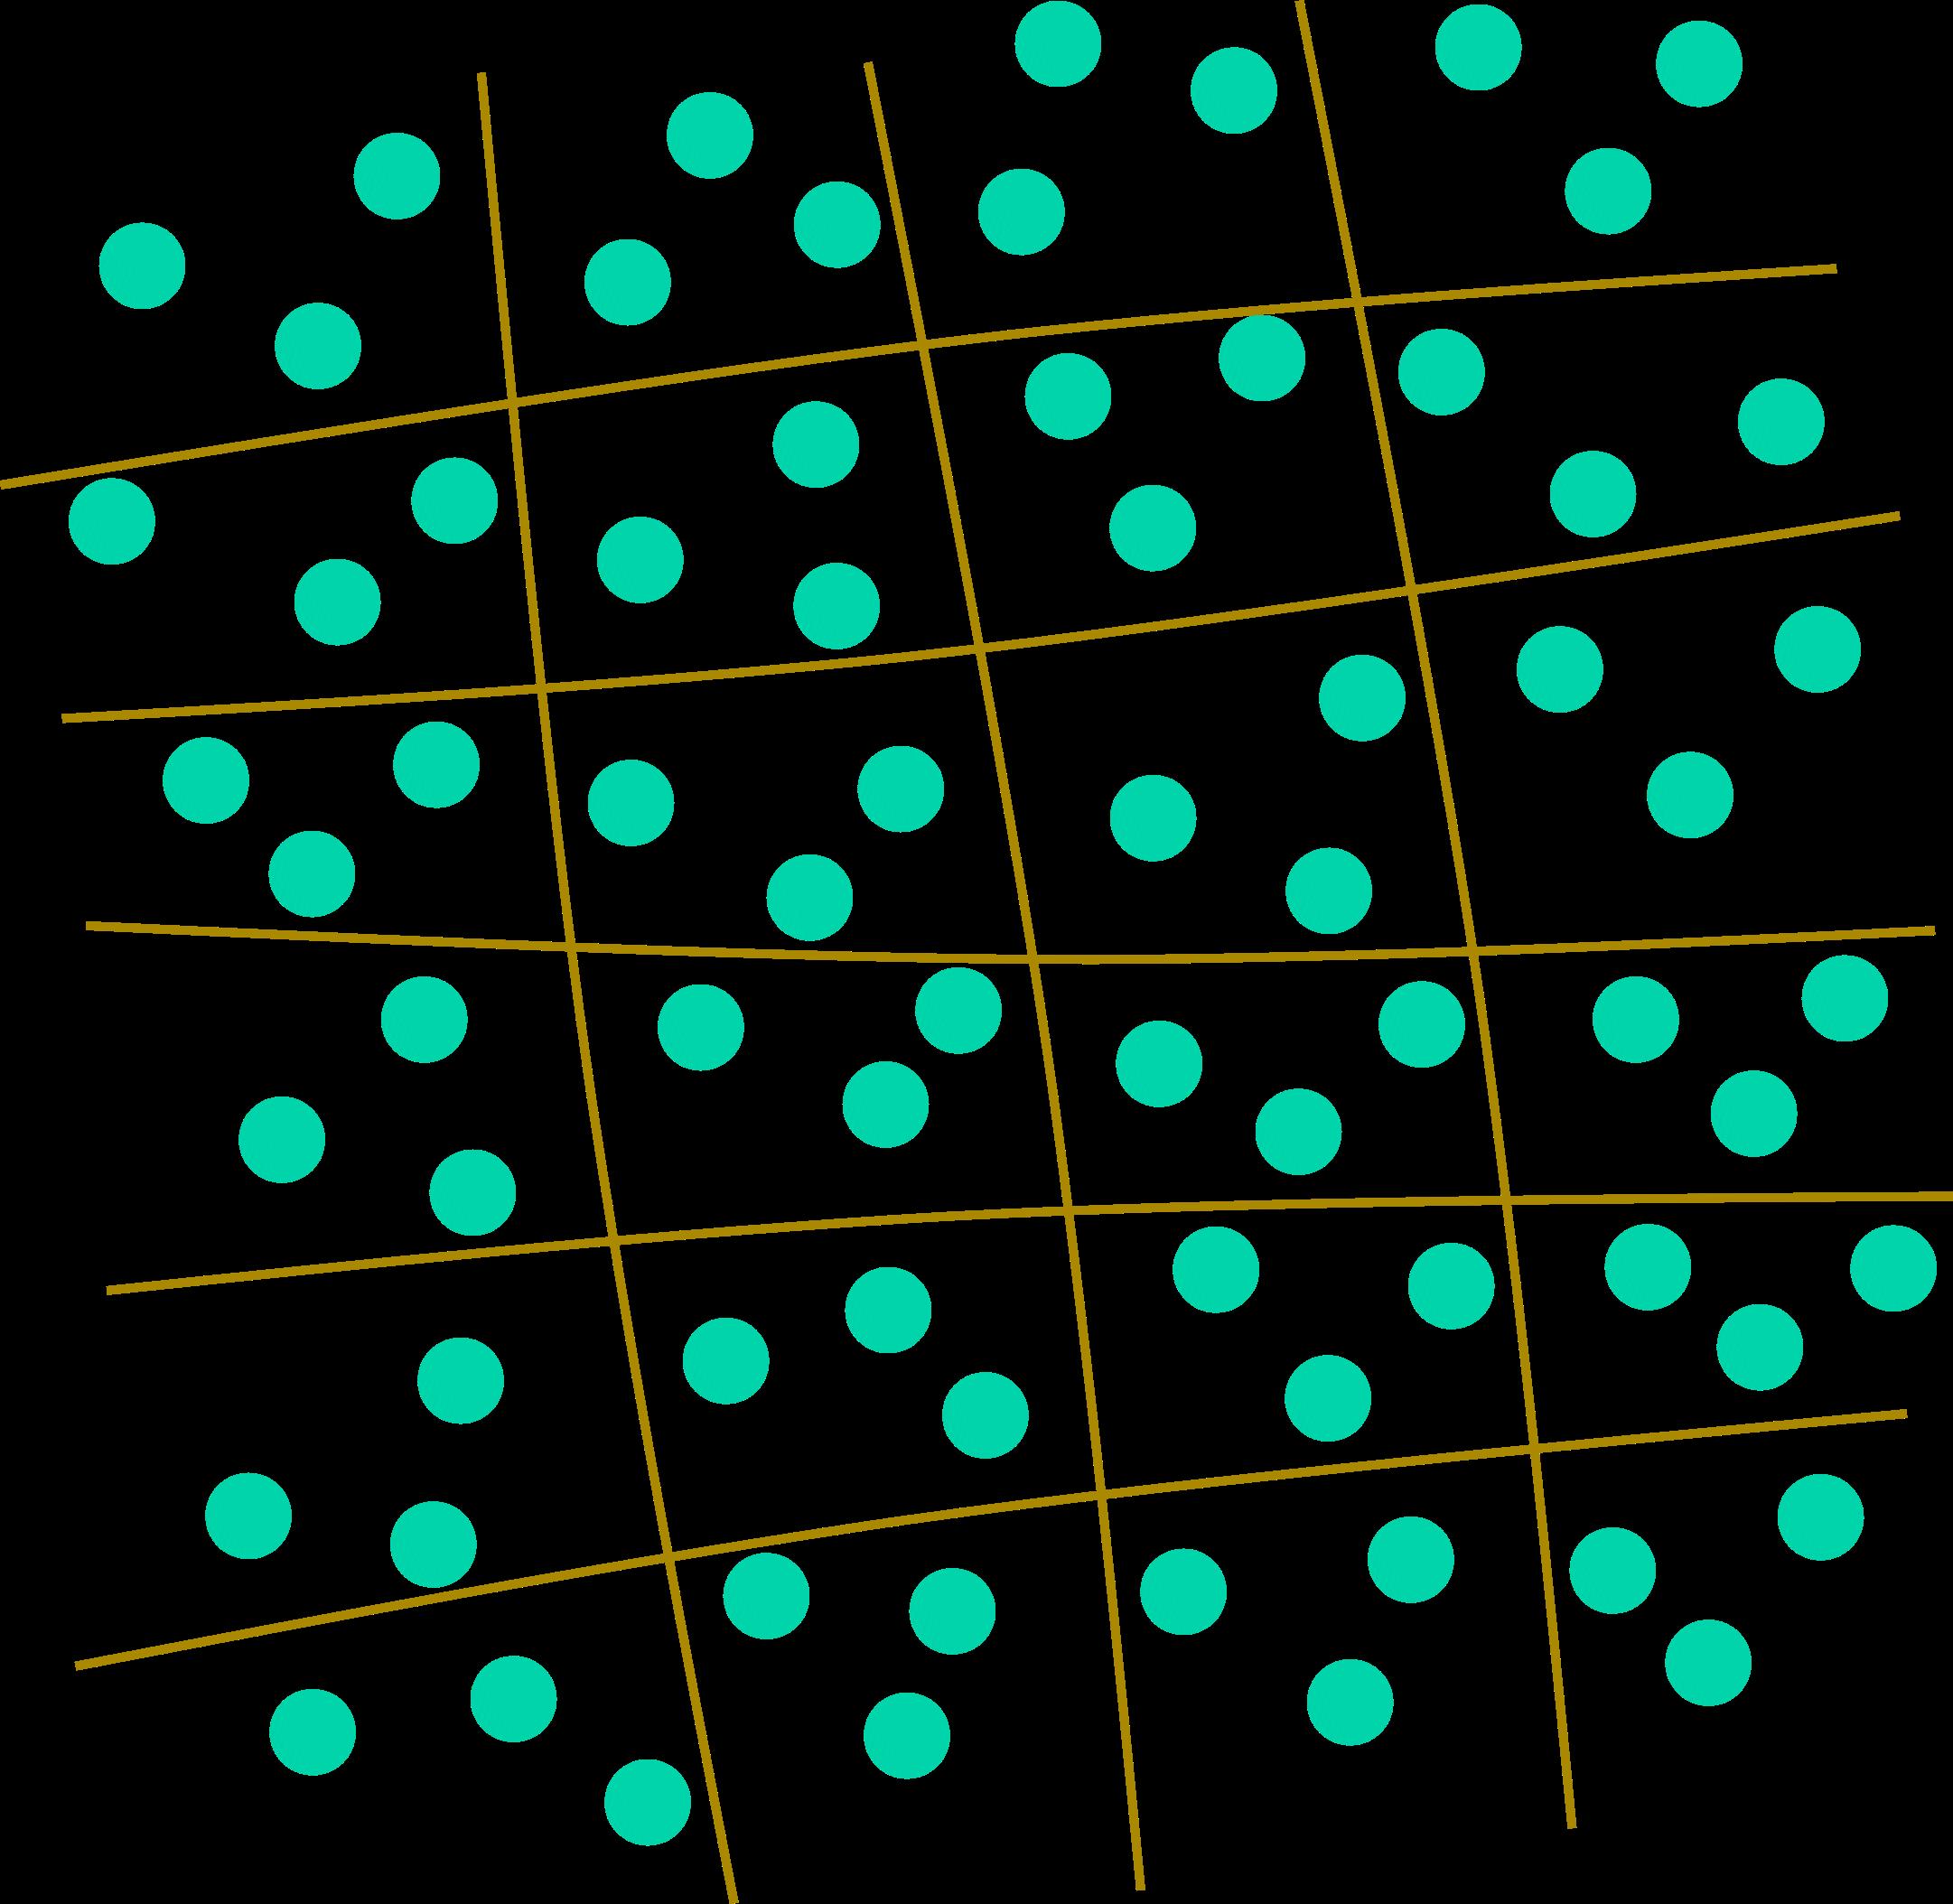 Rappresentazione grafica della rete di un gel. Le palline azzurre sono molecole d'acqua intrappolate.